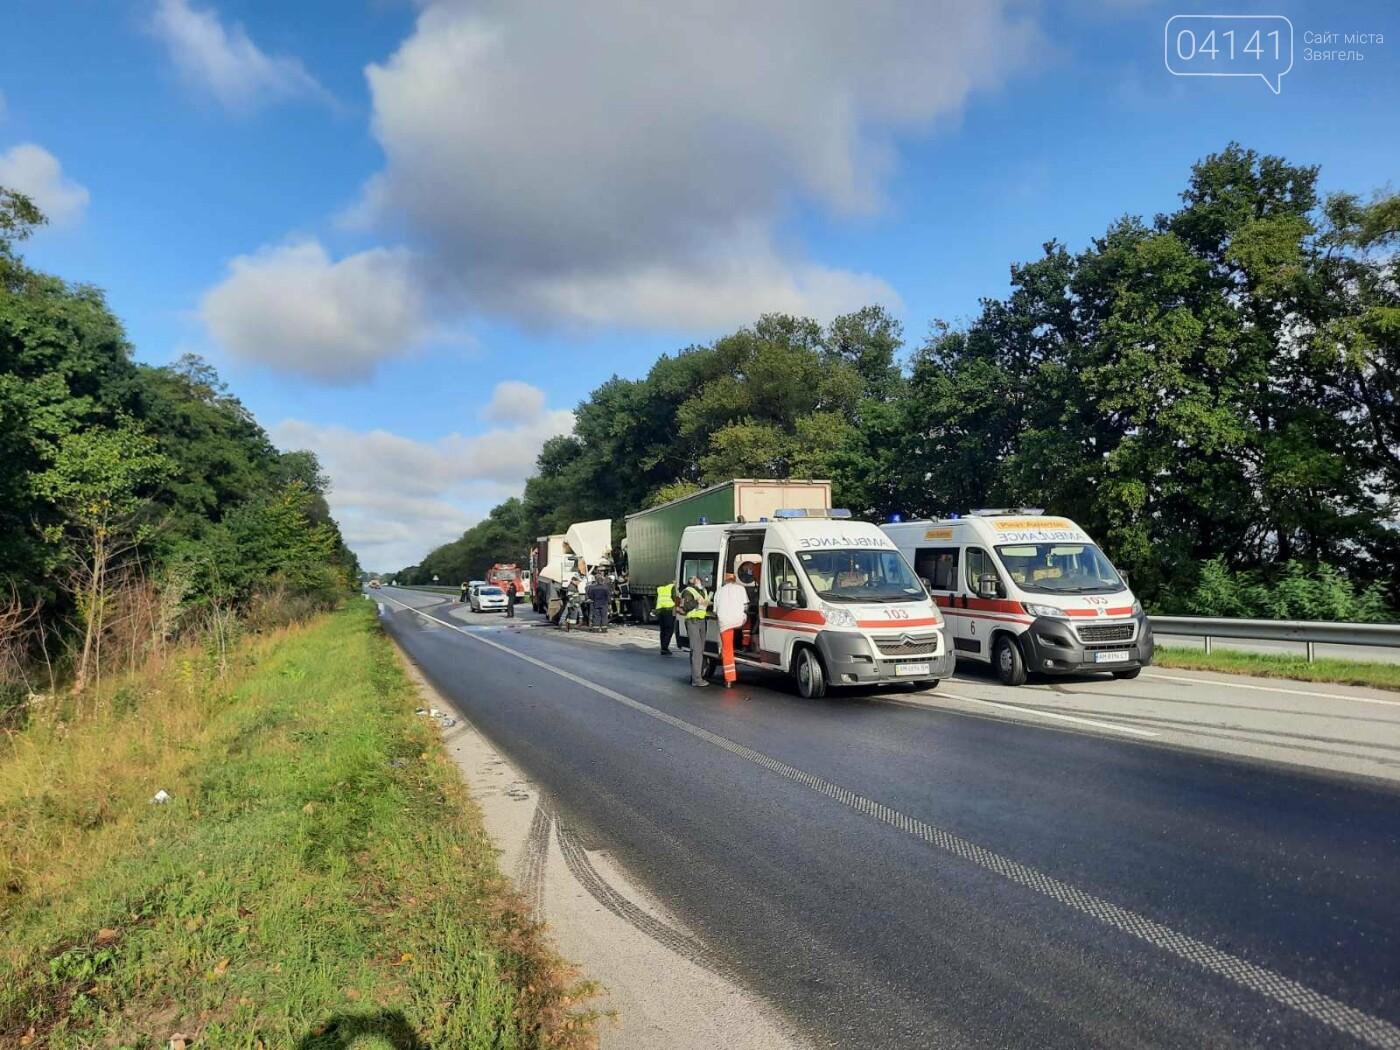 Смертельна ДТП на Новоград-Волинщині: Фото-, Відеорепортаж з місця пригоди (+18), фото-10